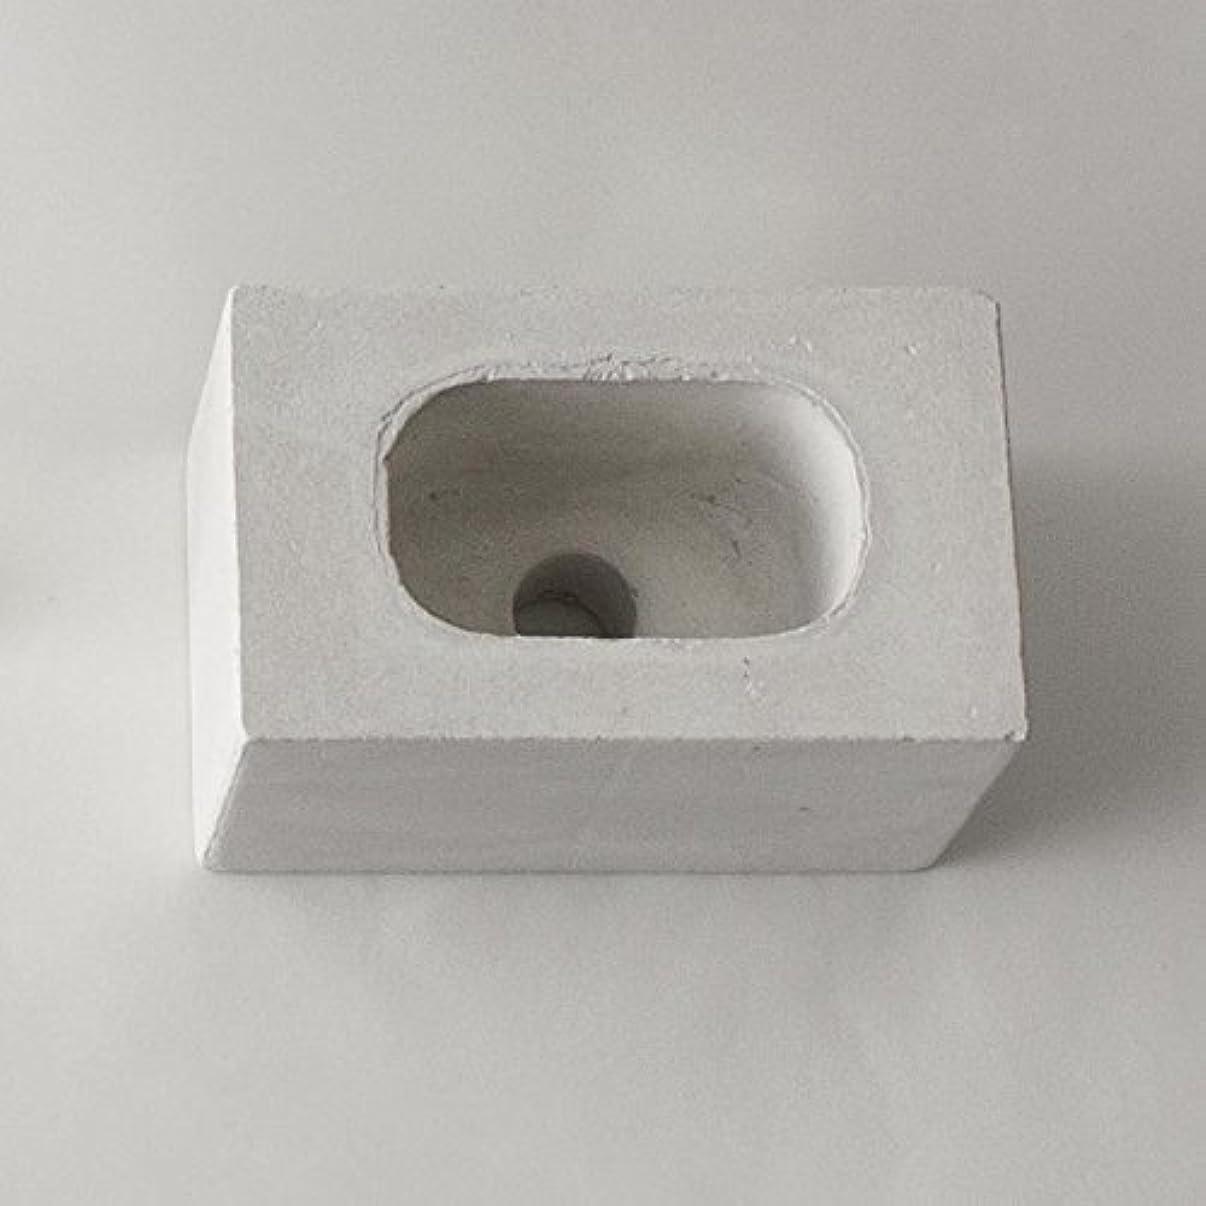 フローティング見ました証拠ar003wh/パーツ販売?b2c ブリック用 コンクリートパーツ(スクエア)《ホワイト》| 芳香剤 ルームフレグランス リードディフューザー アロマ ディフューザー